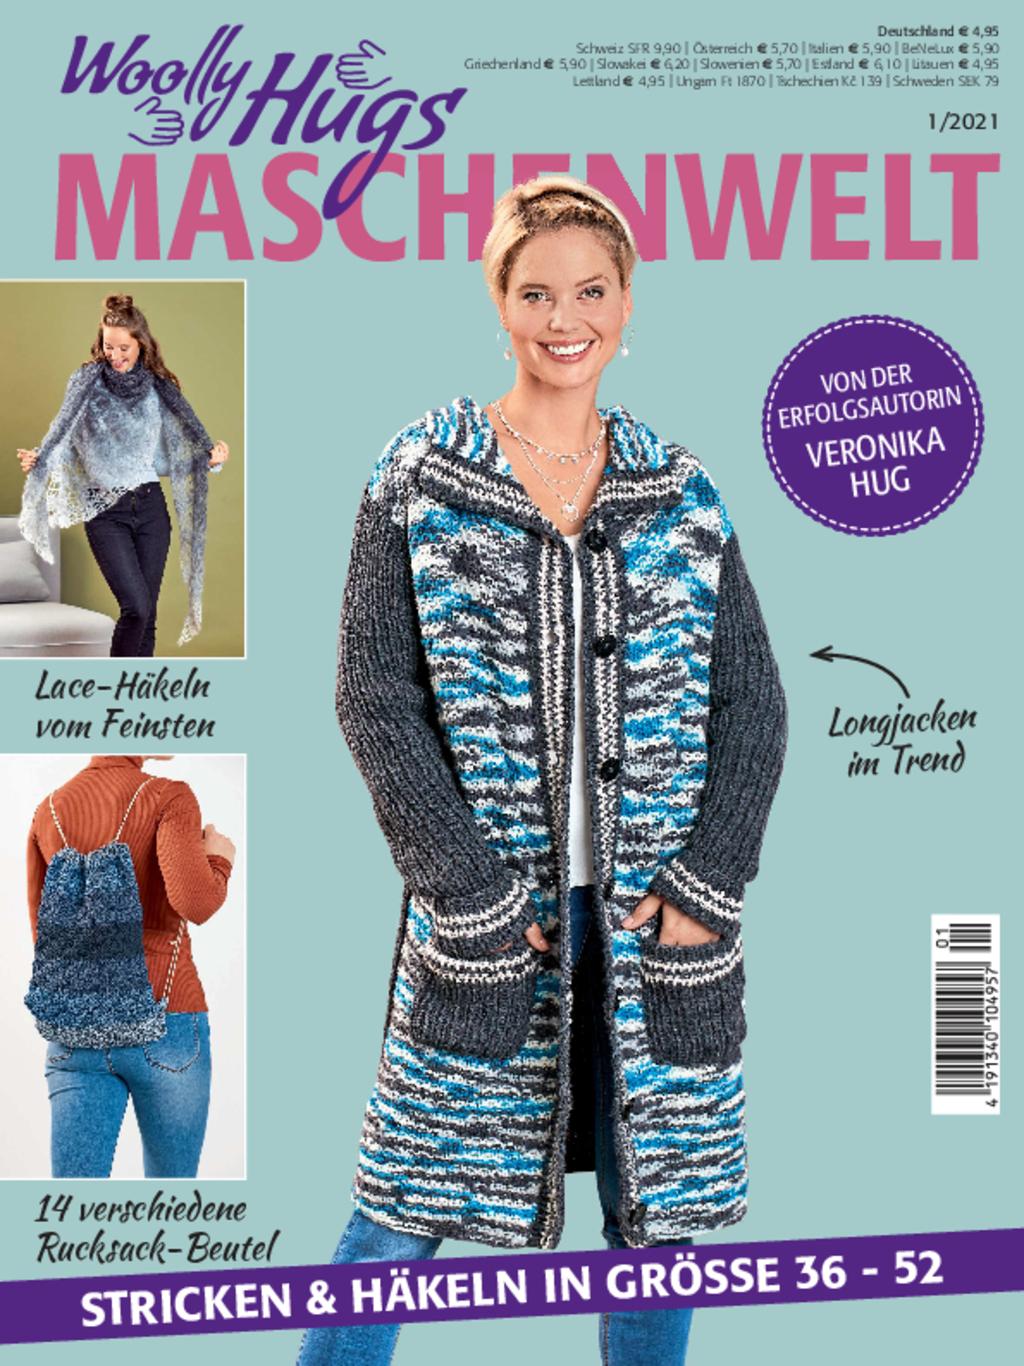 Woolly Hugs Maschenwelt Nr. 1/2021 - Stricken & Häkeln in Größe 36 - 52